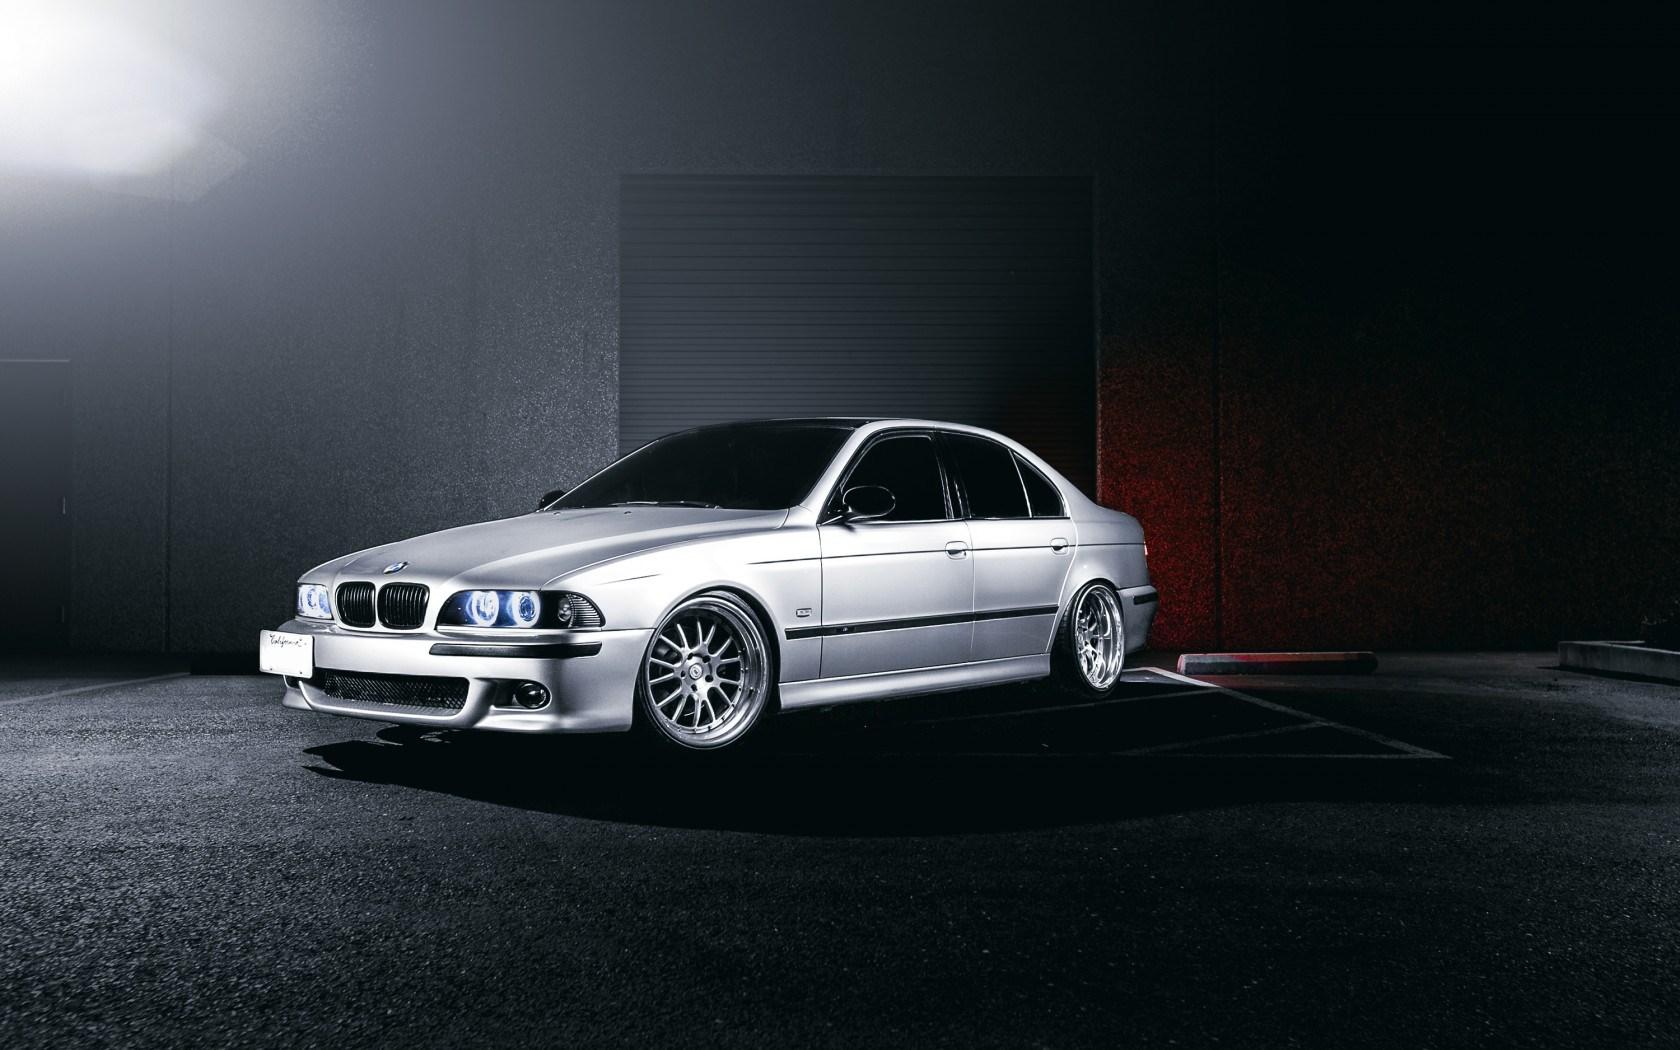 BMW E93 540i 5 Series Car